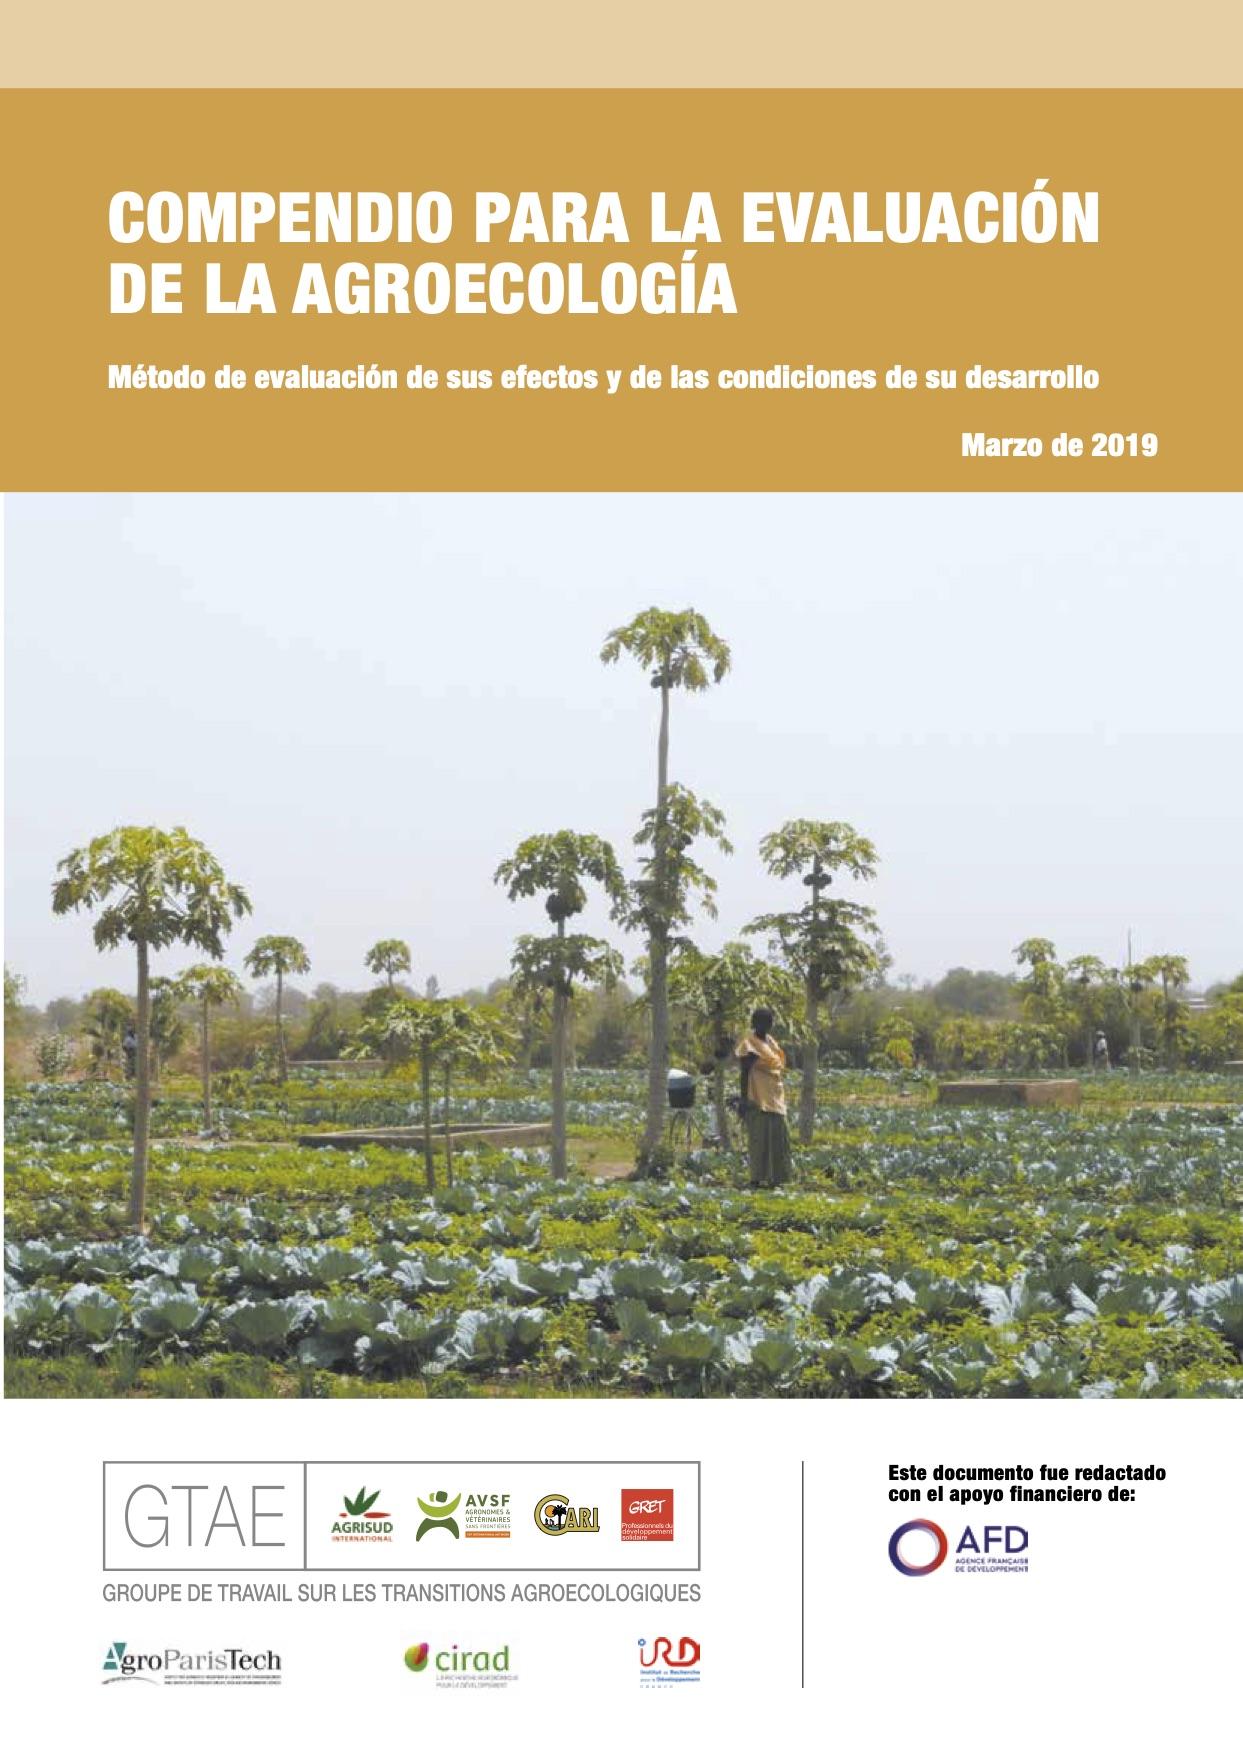 Compendio para la evaluación de la agroecología Image principale